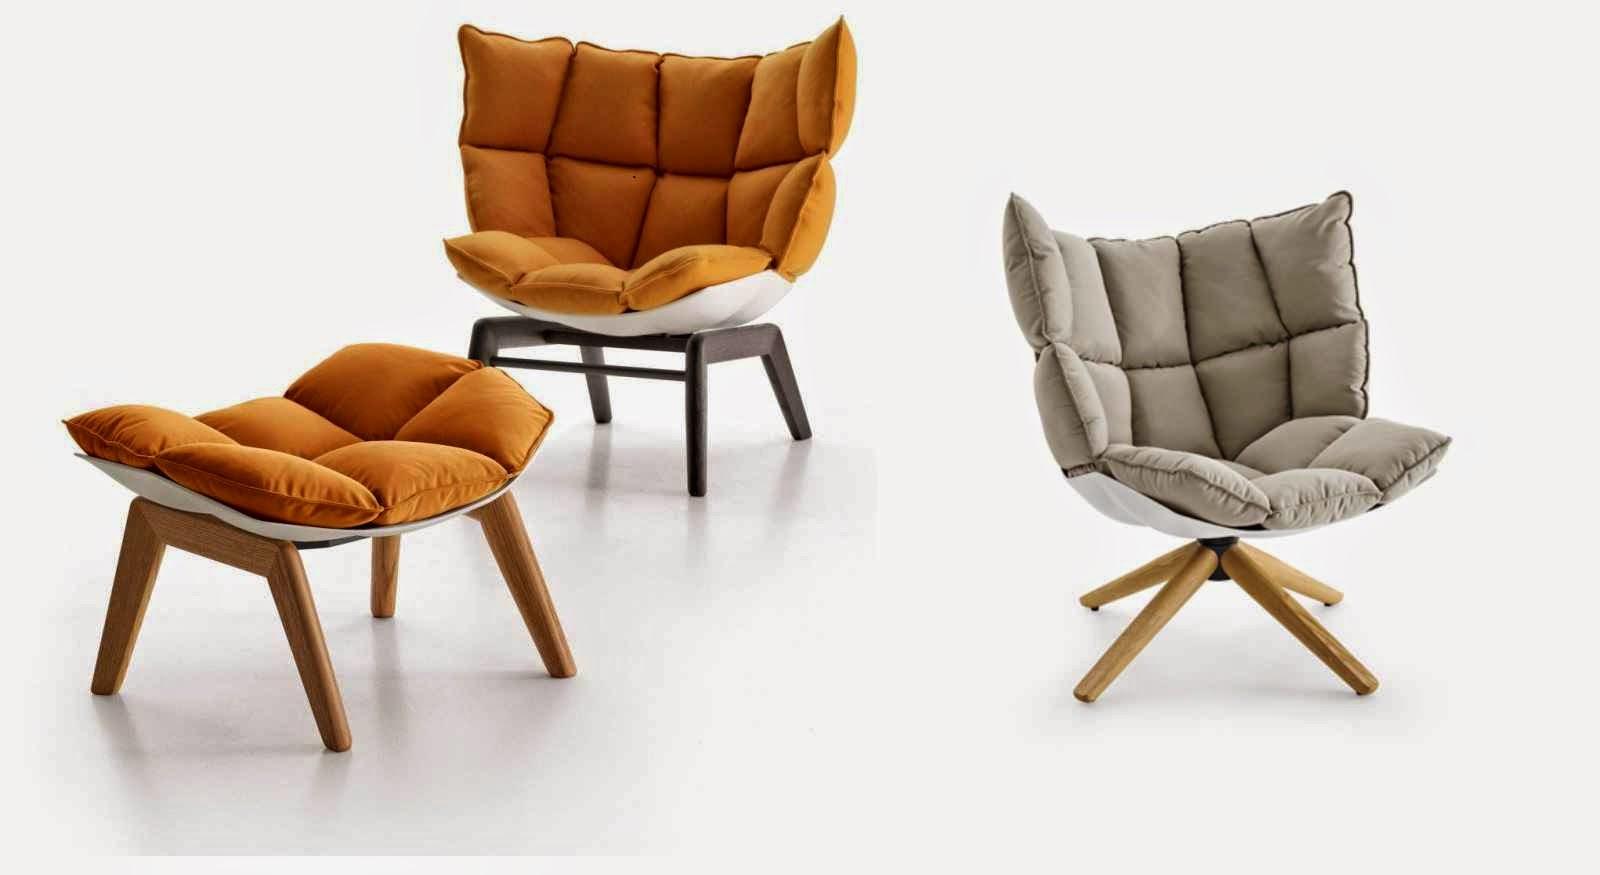 chaise design pas cher meuble design pas cher. Black Bedroom Furniture Sets. Home Design Ideas